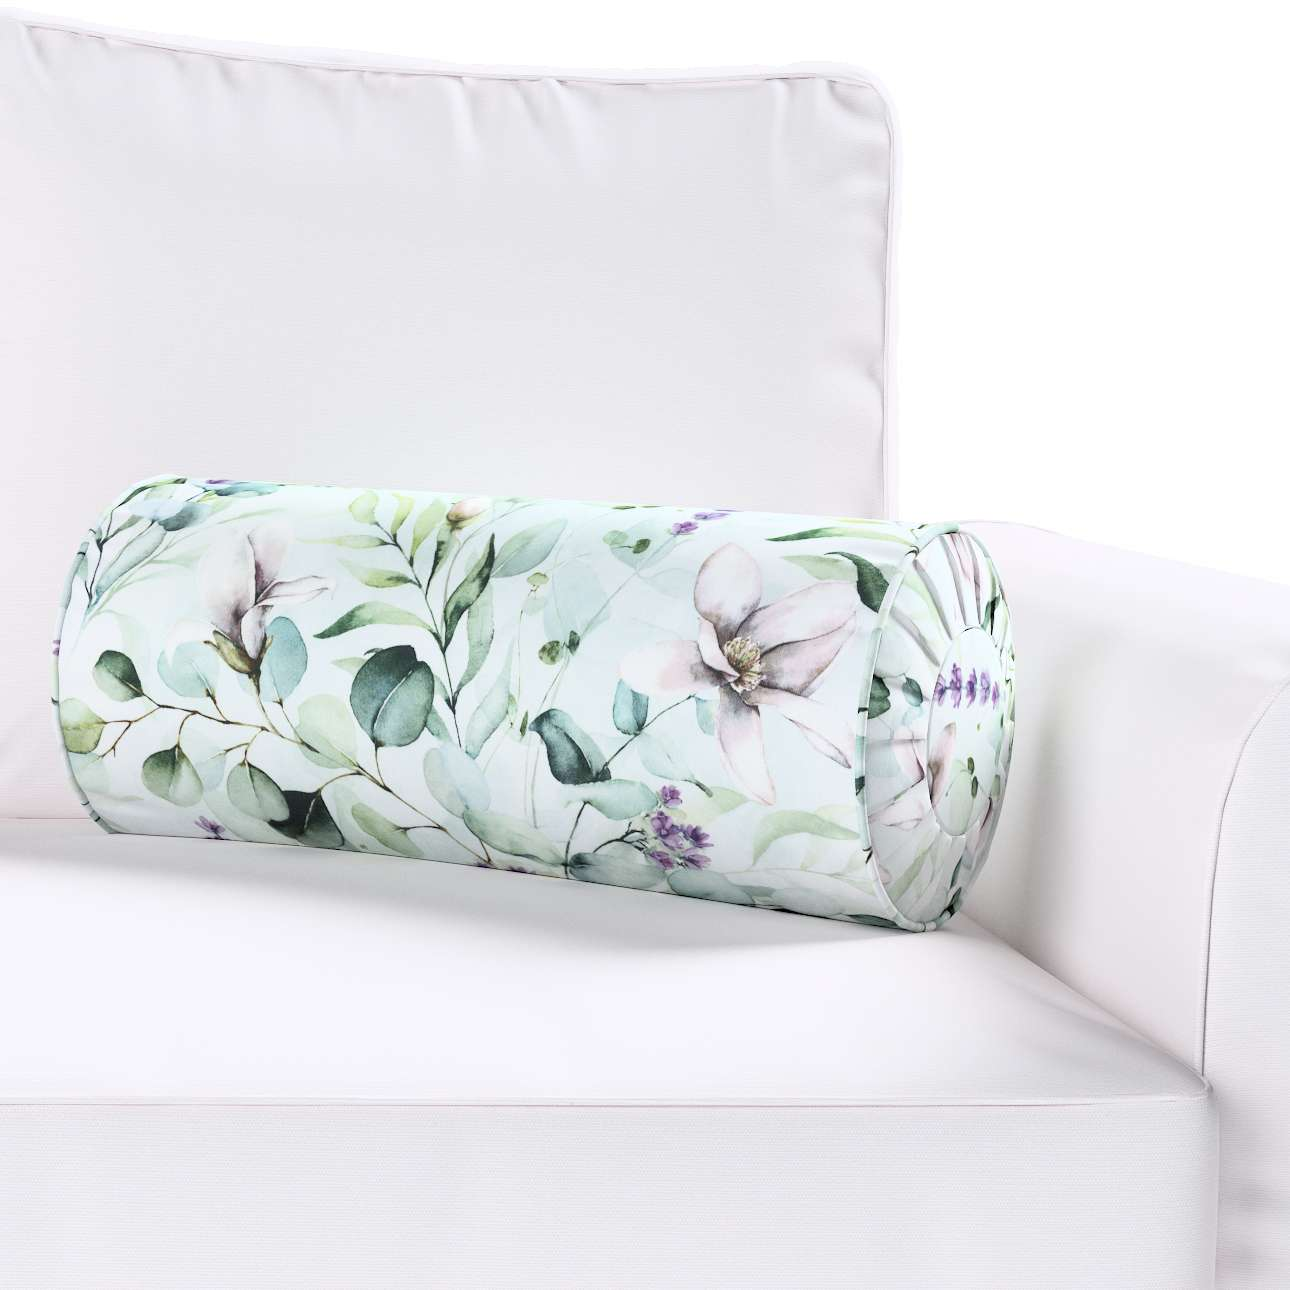 Poduszka wałek z zakładkami w kolekcji Flowers, tkanina: 143-66